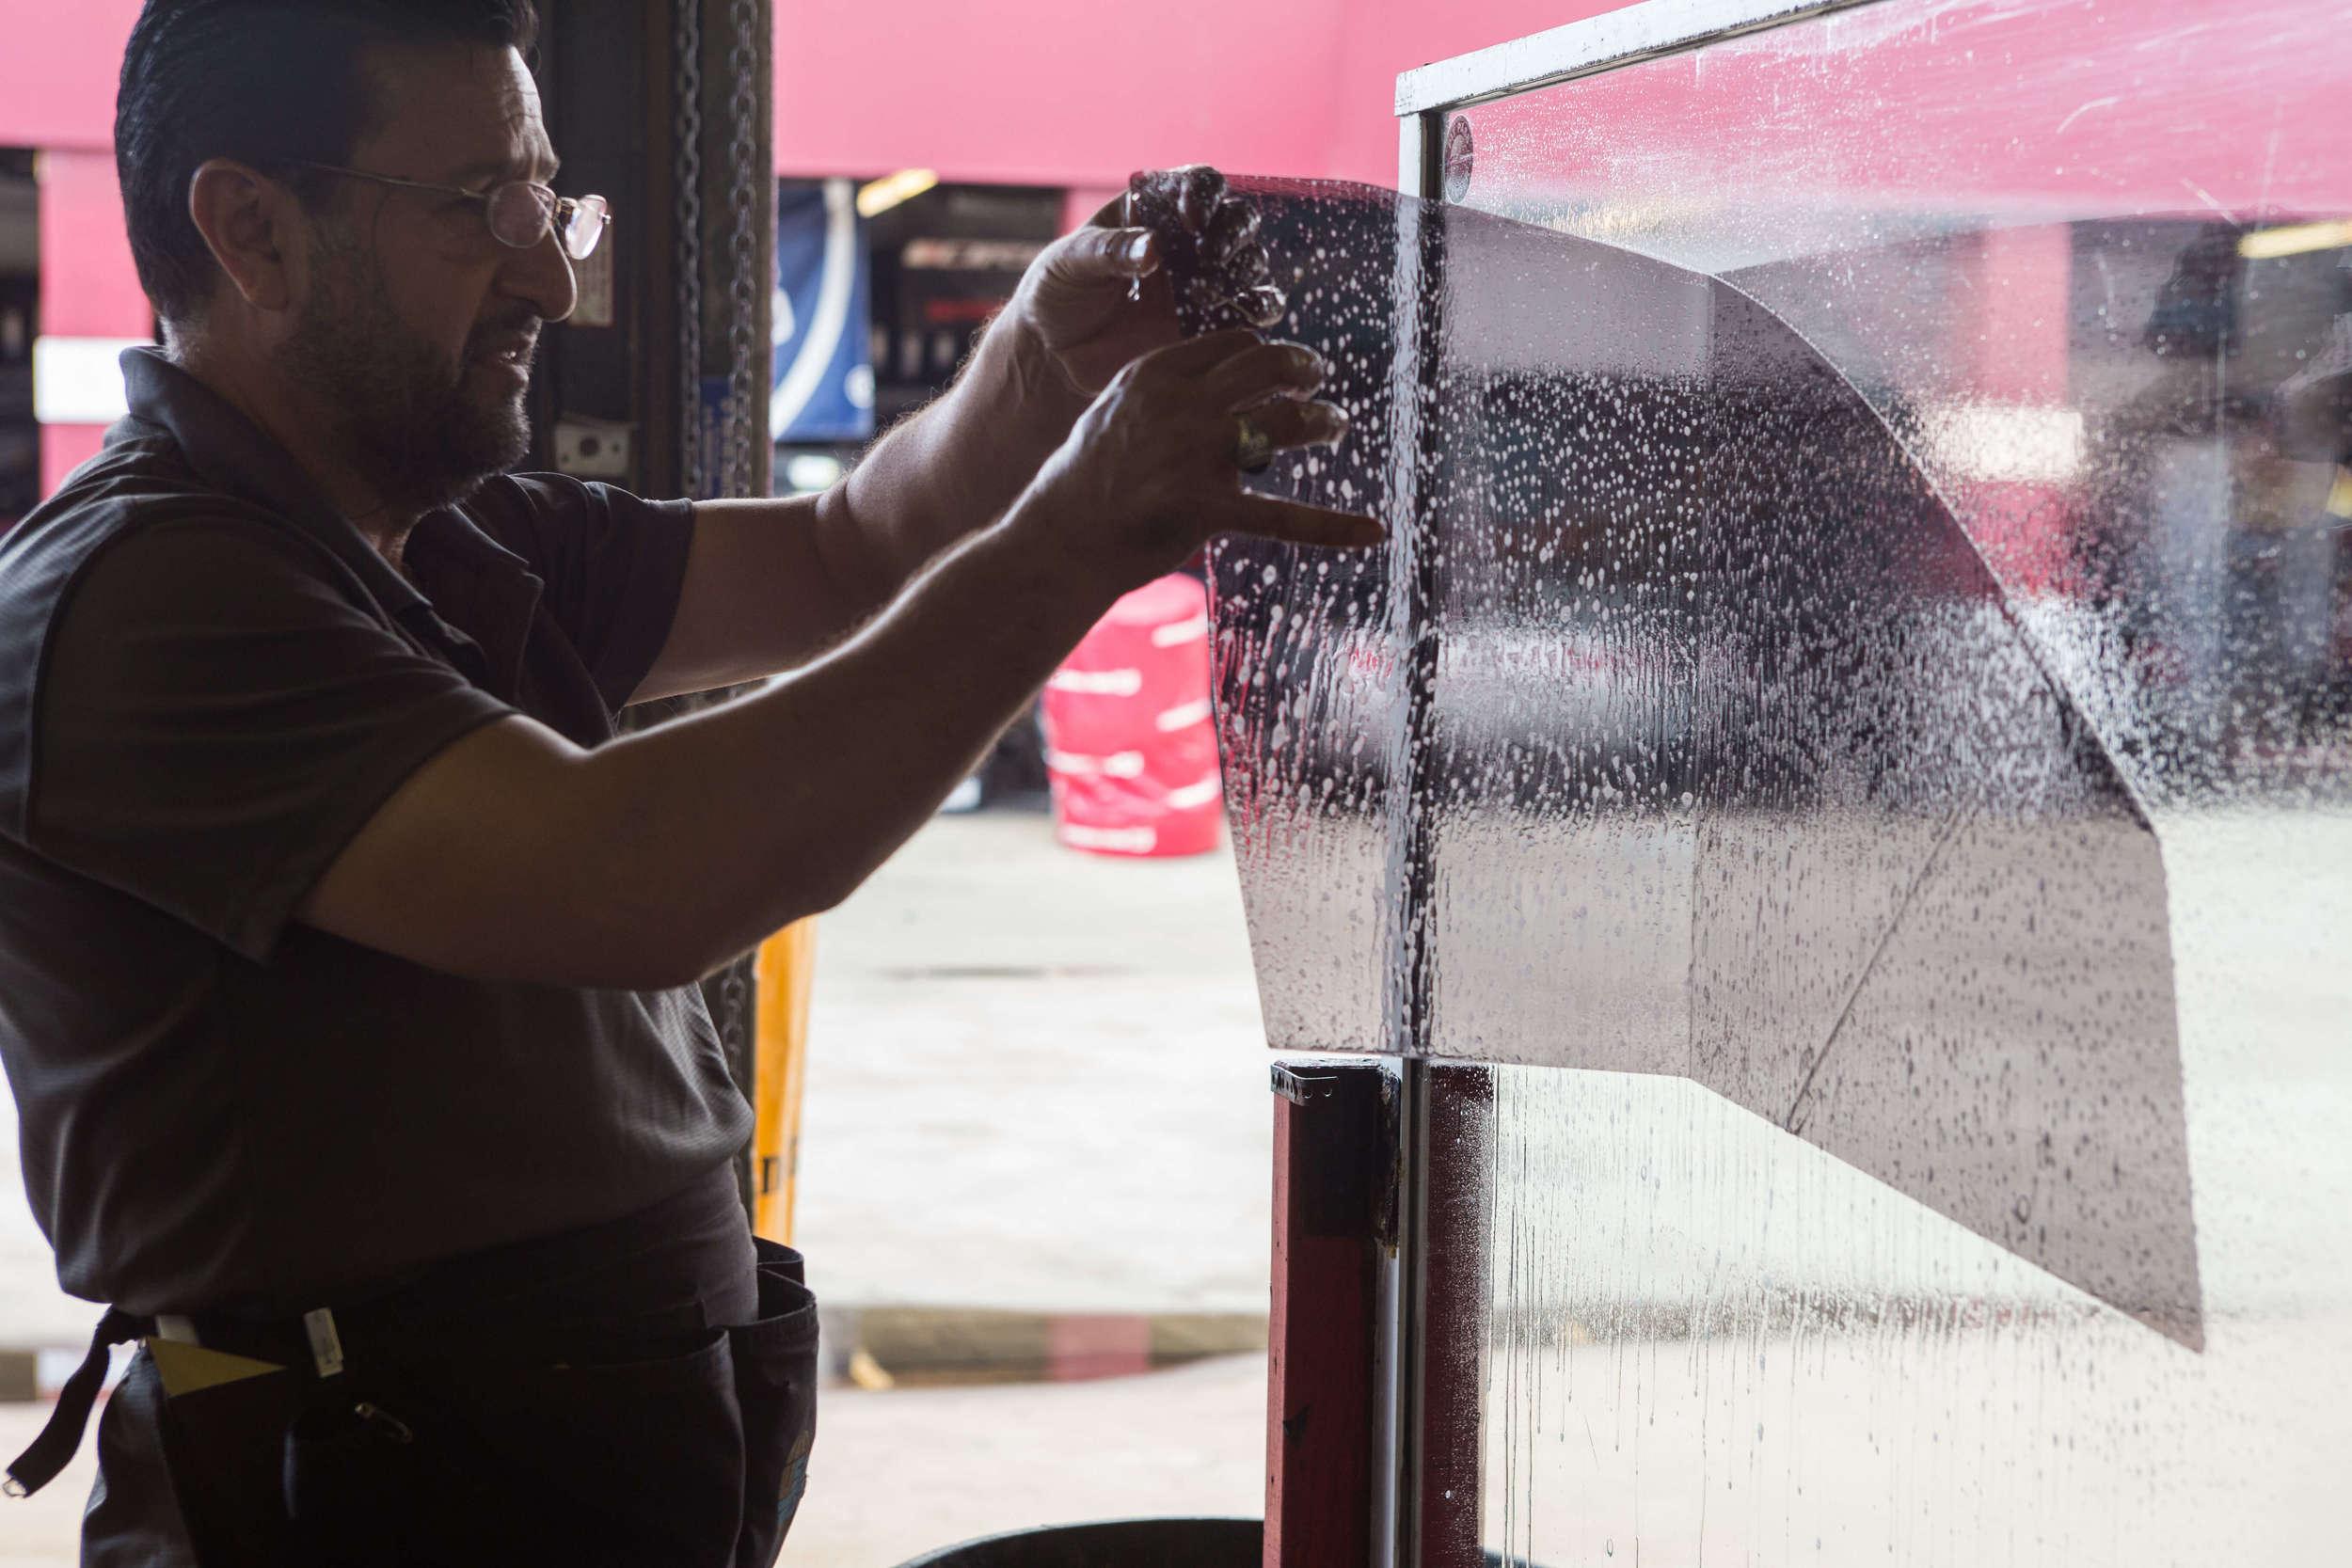 Window tinting law in California